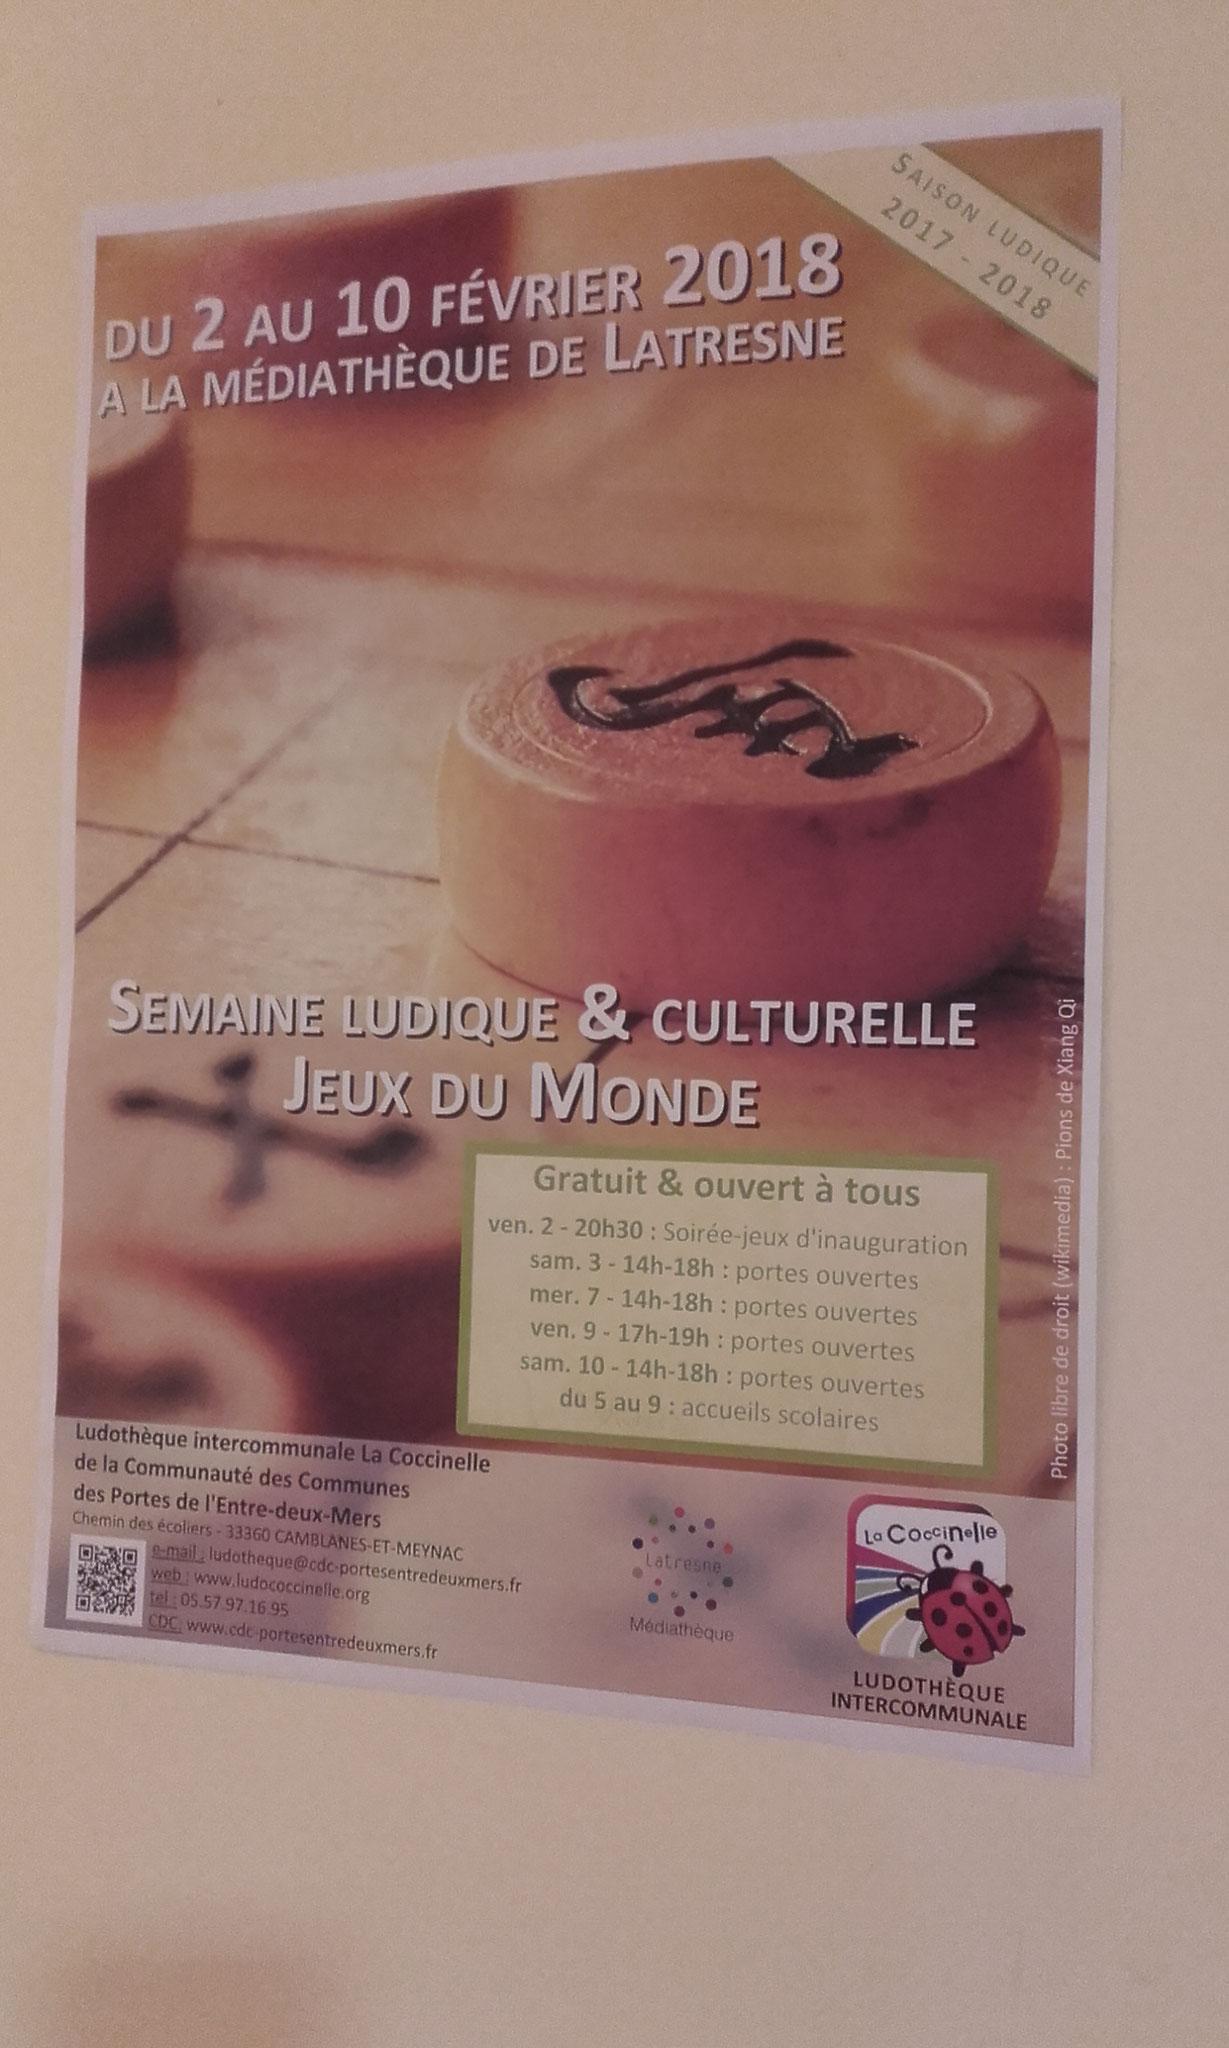 affiche de la semaine ludique & culturelle